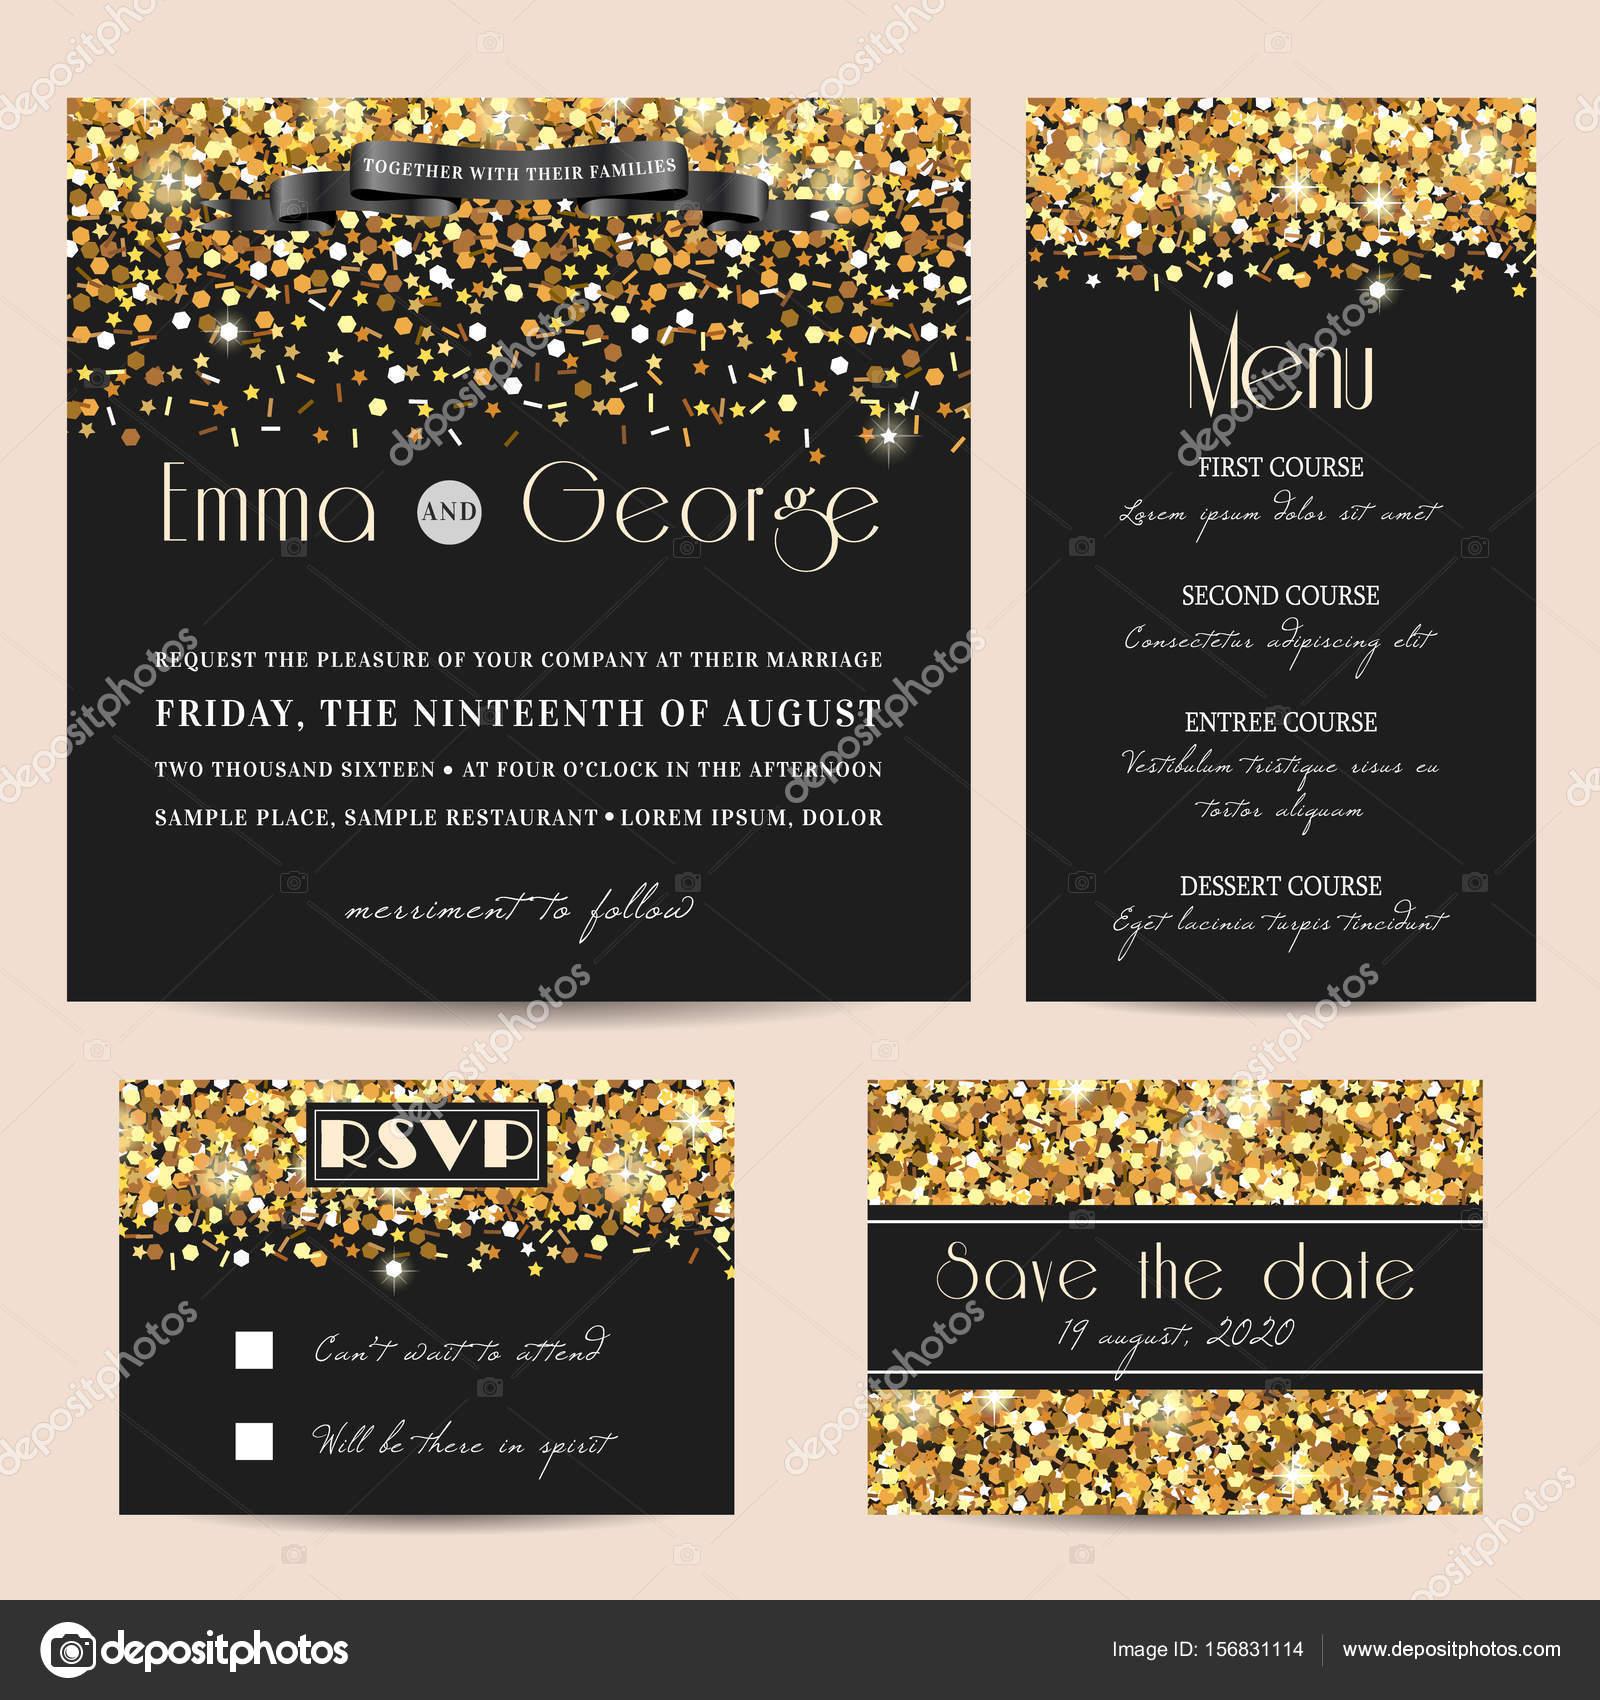 Stilvolle Hochzeit Einladungskarten Set Mit Goldenen Glitzer Verziert U2014  Vektor Von Tomiganka